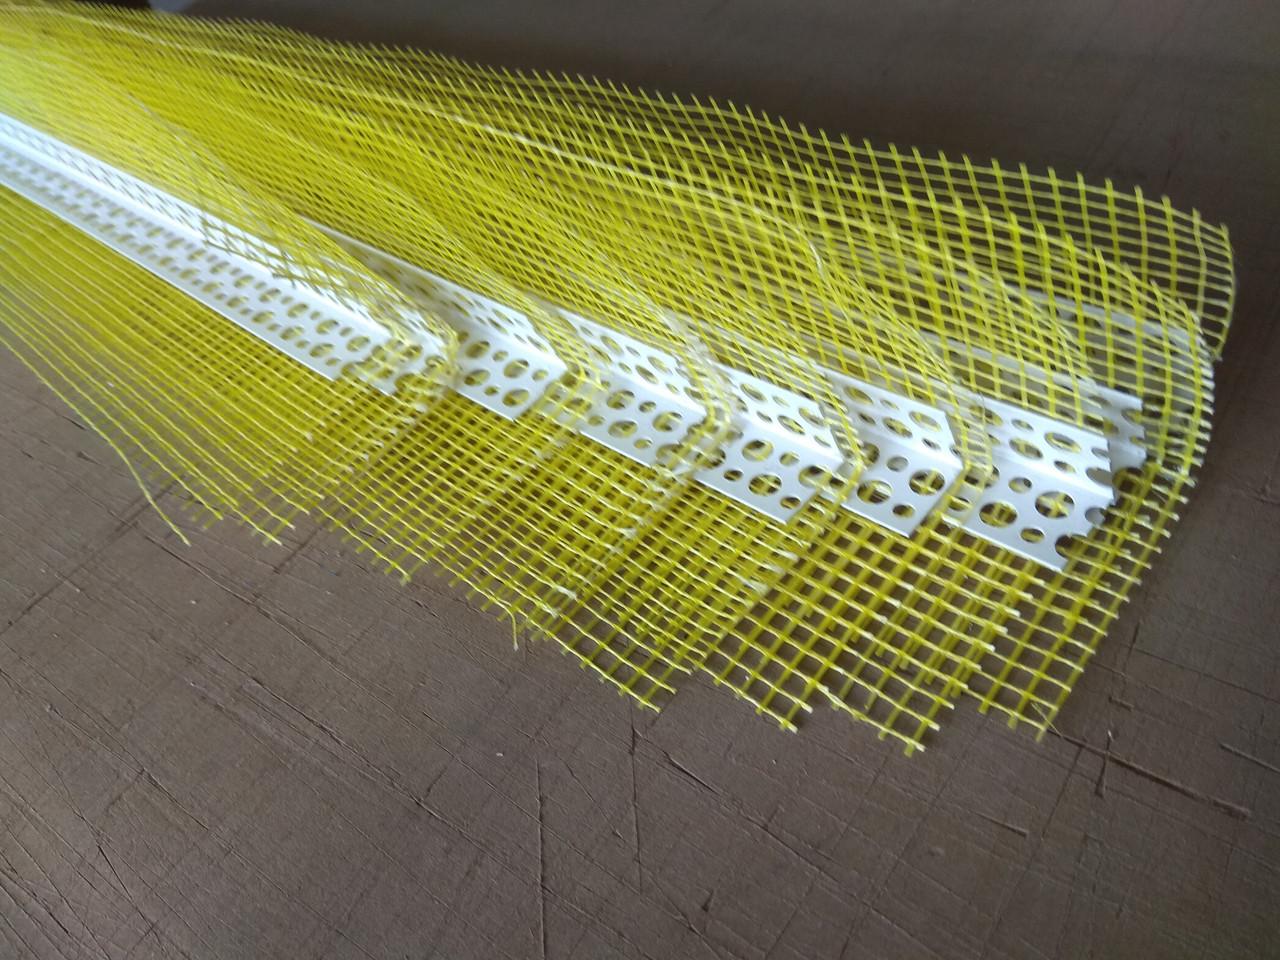 Кутник пластиковий Економ з жовтою сіткою110г 70*70 2500мм